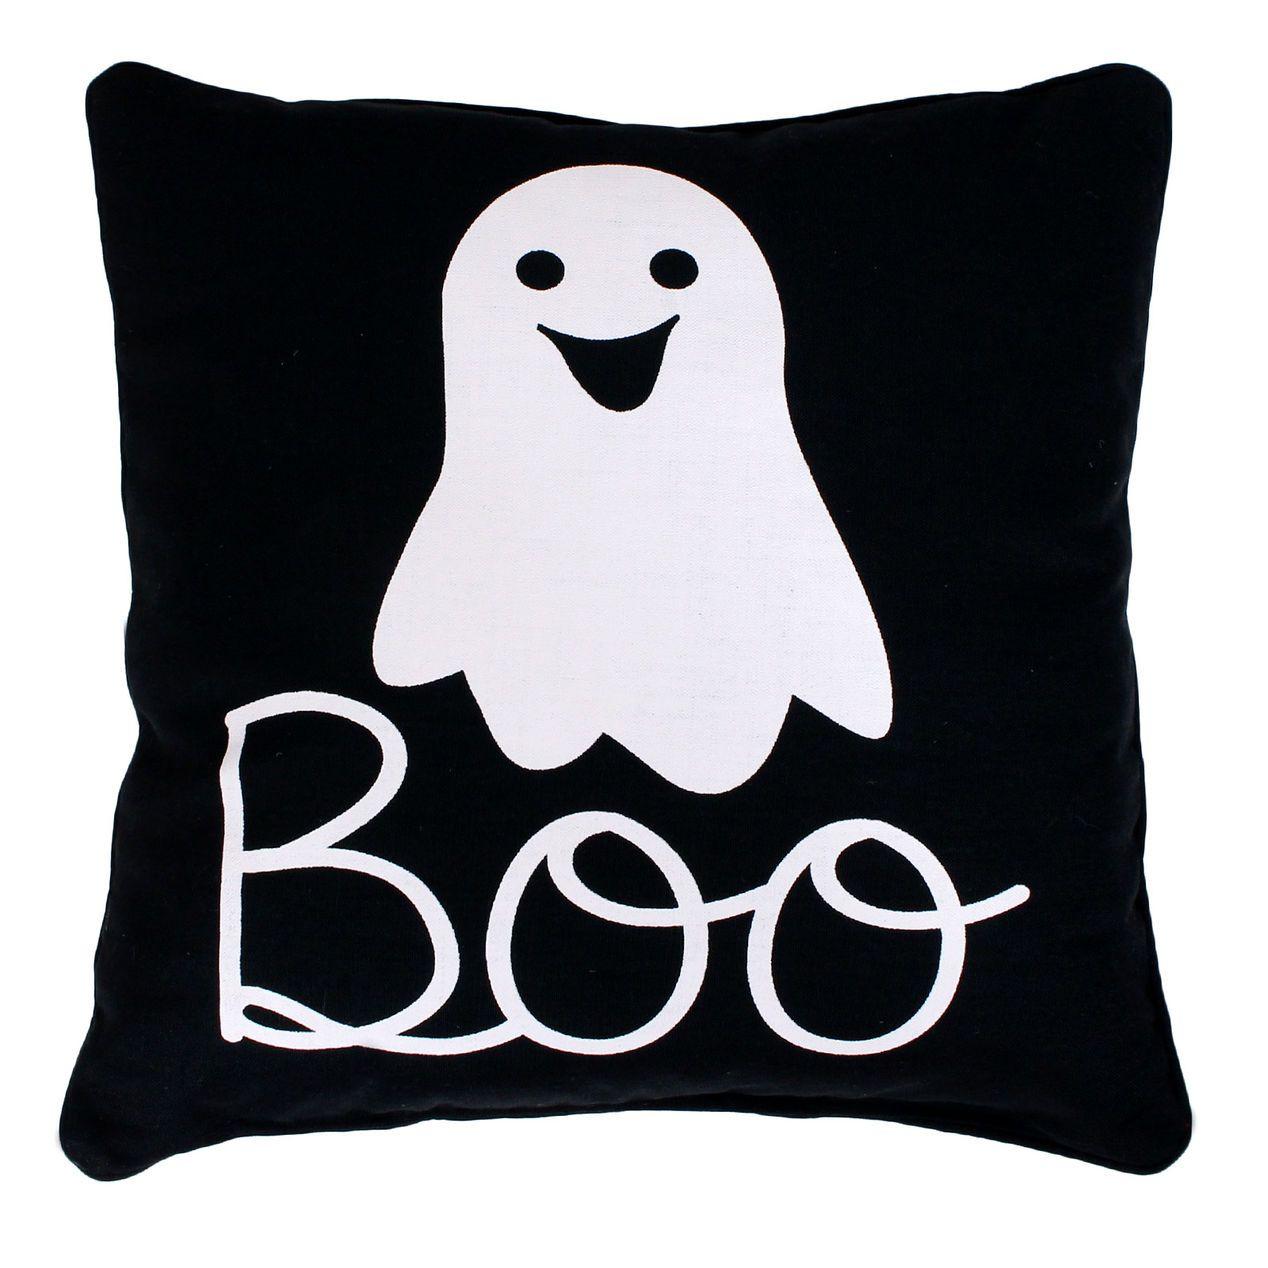 Barry Boo Ghost Pillow 18X18 Ghost pillow, Halloween